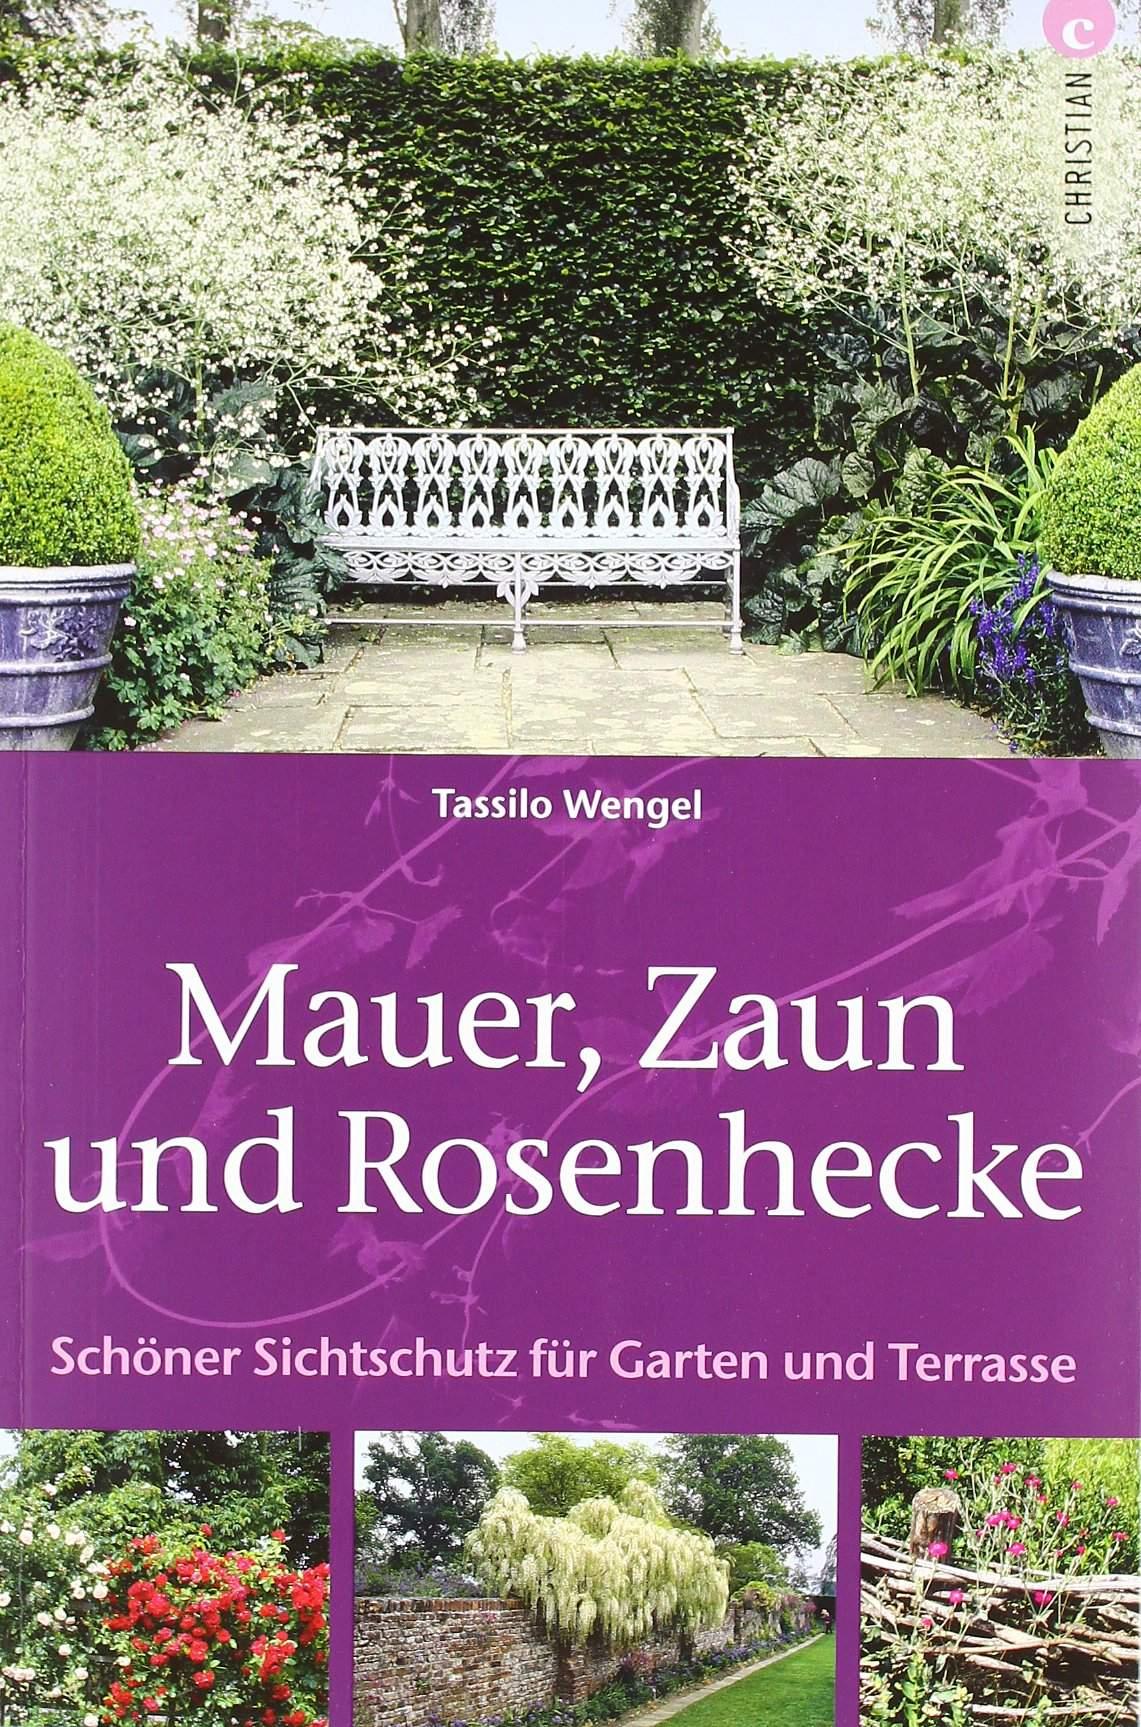 Garten Sichtschutz Das Beste Von Mauer Zaun Und Rosenhecke Schöner Sichtschutz Für Garten